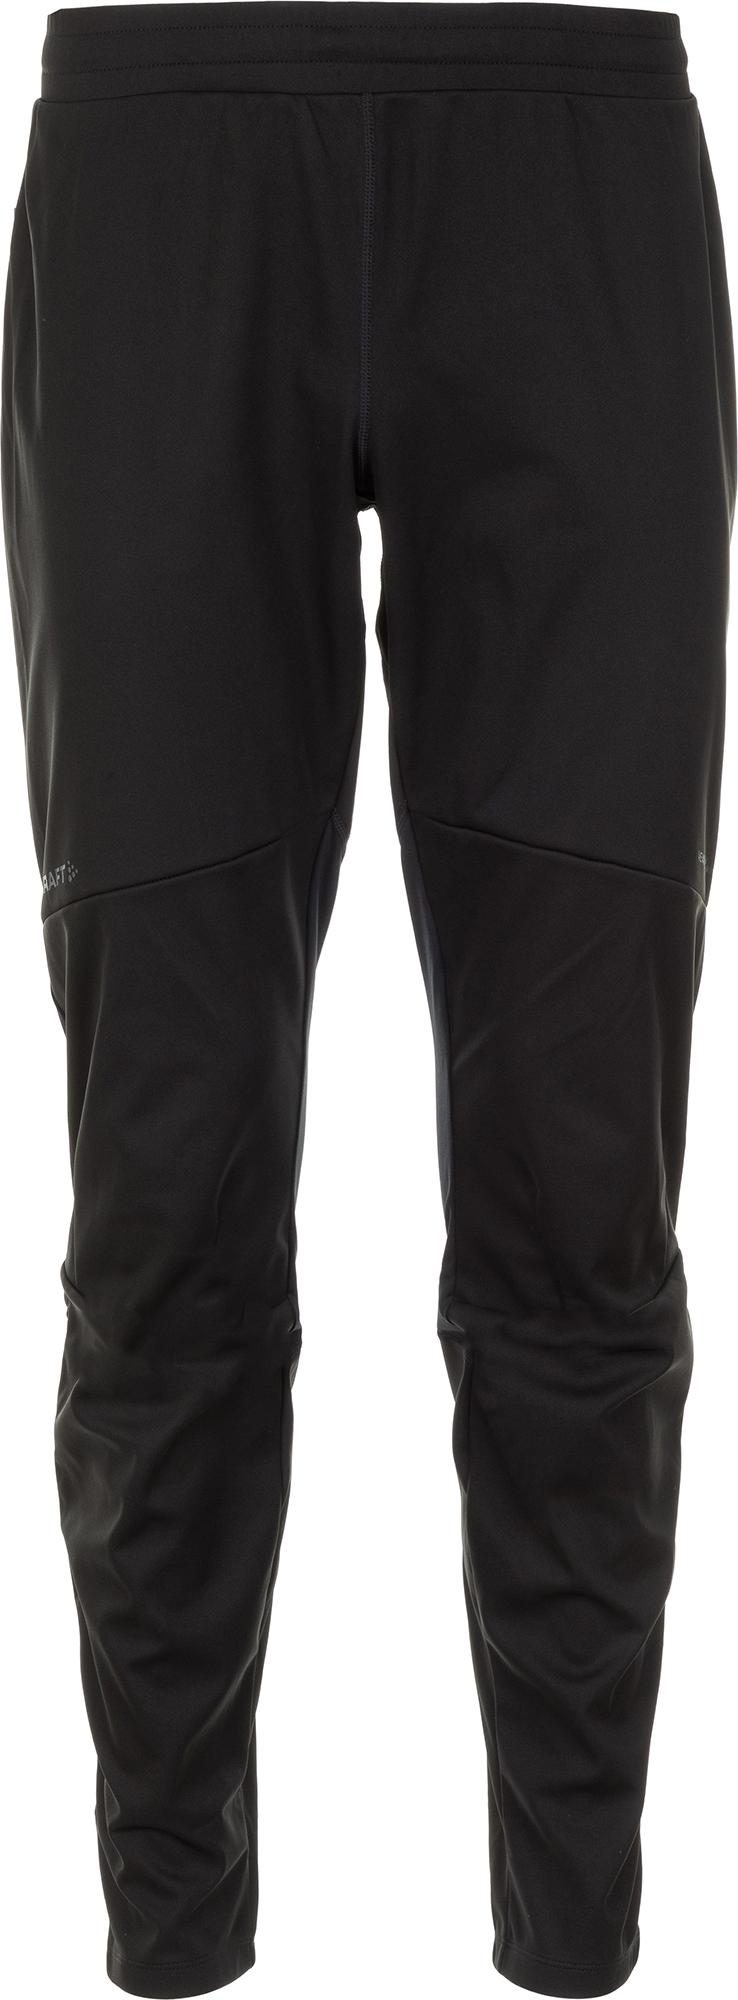 Craft Брюки мужские Glide Pants, размер 54-56